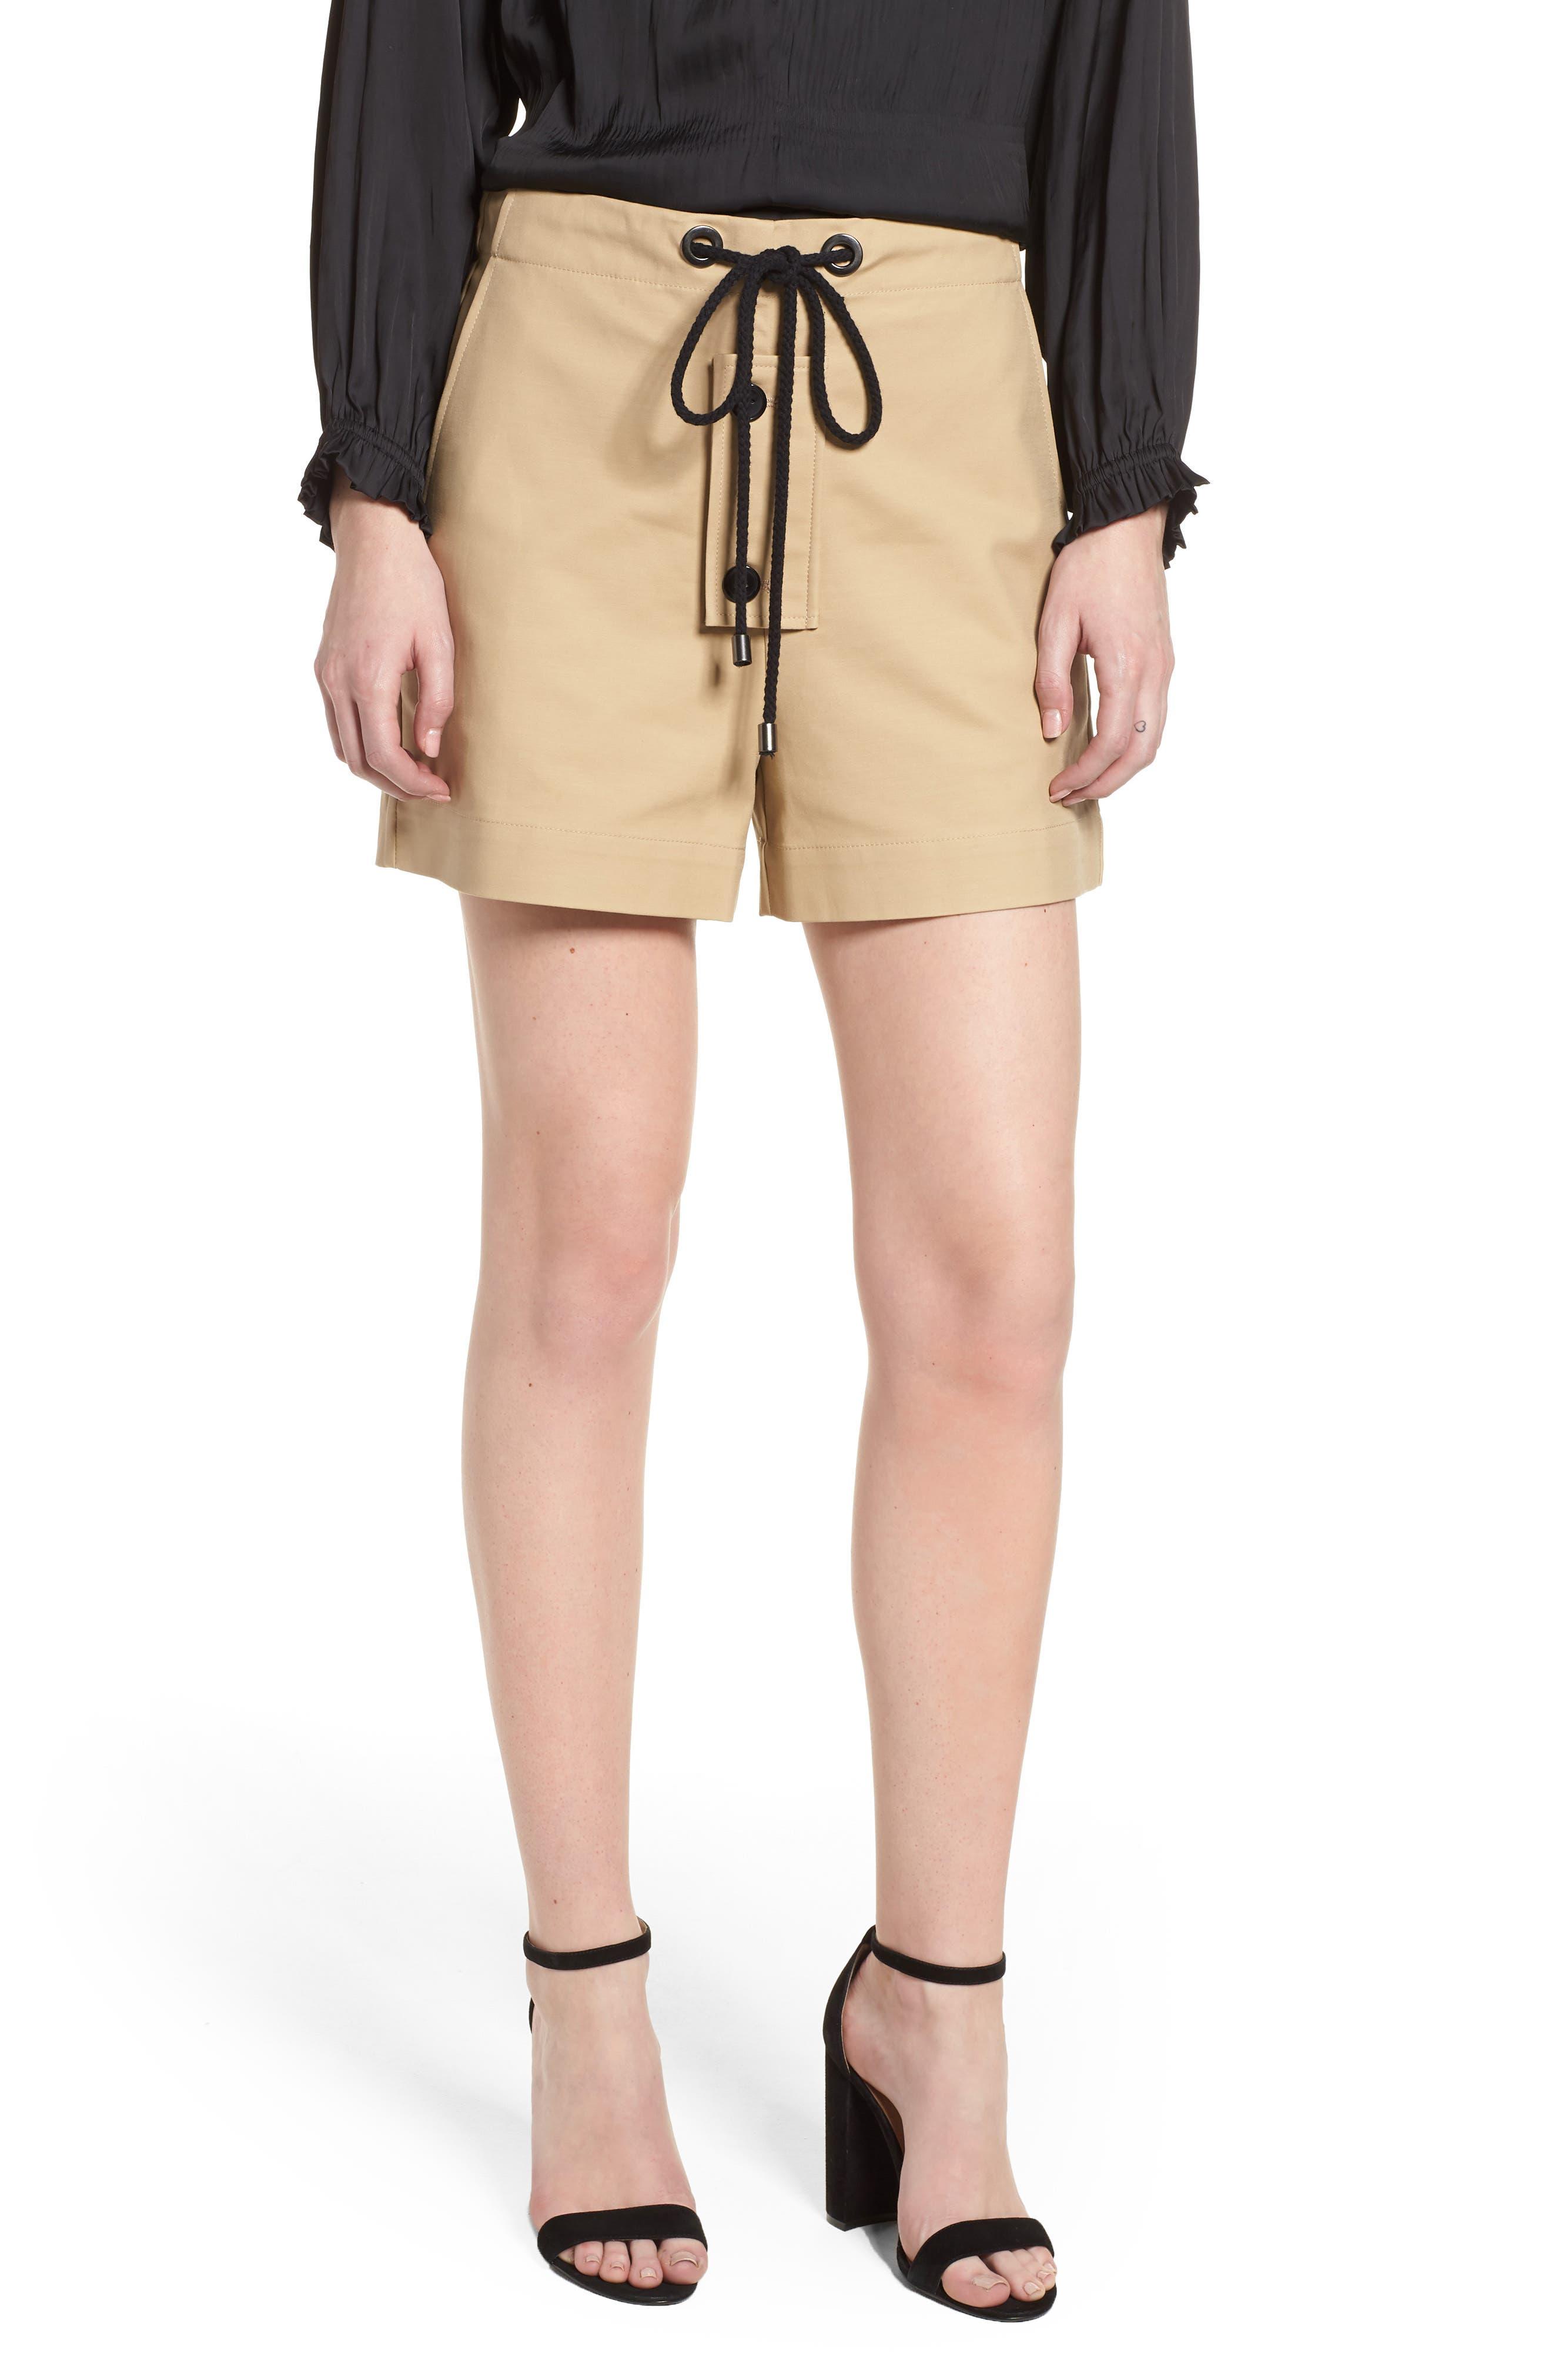 Park South Shorts,                             Main thumbnail 1, color,                             250